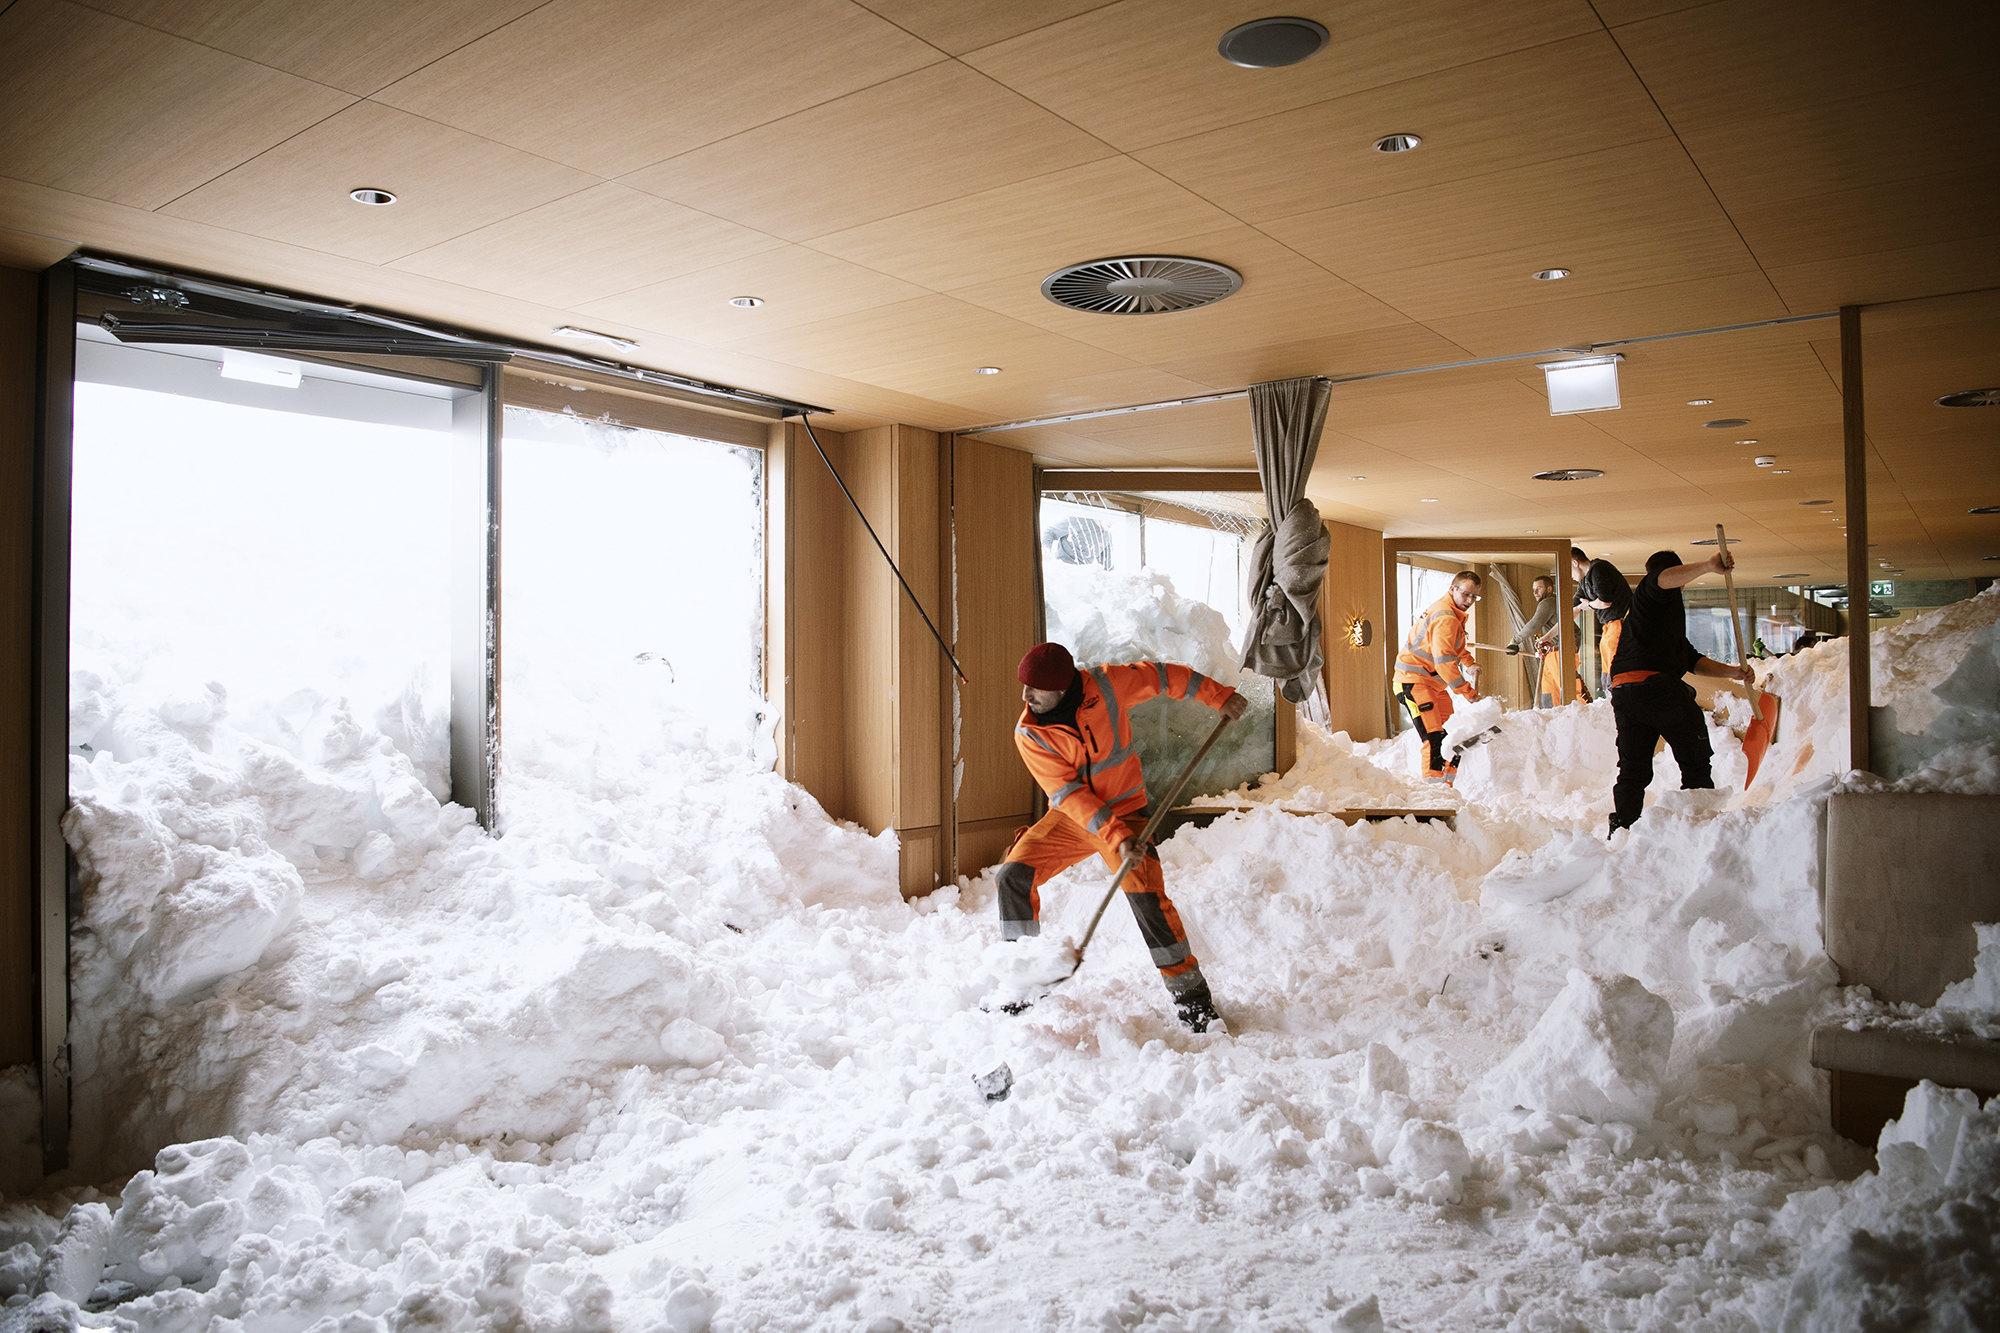 Уборка снега вномерах отеле Saentist вШвегальпе, Швейцария, 11 января 2019. Посообщениям полиции, три человека вгороде получили легкие ранения из-за схода лавины вэтот день.